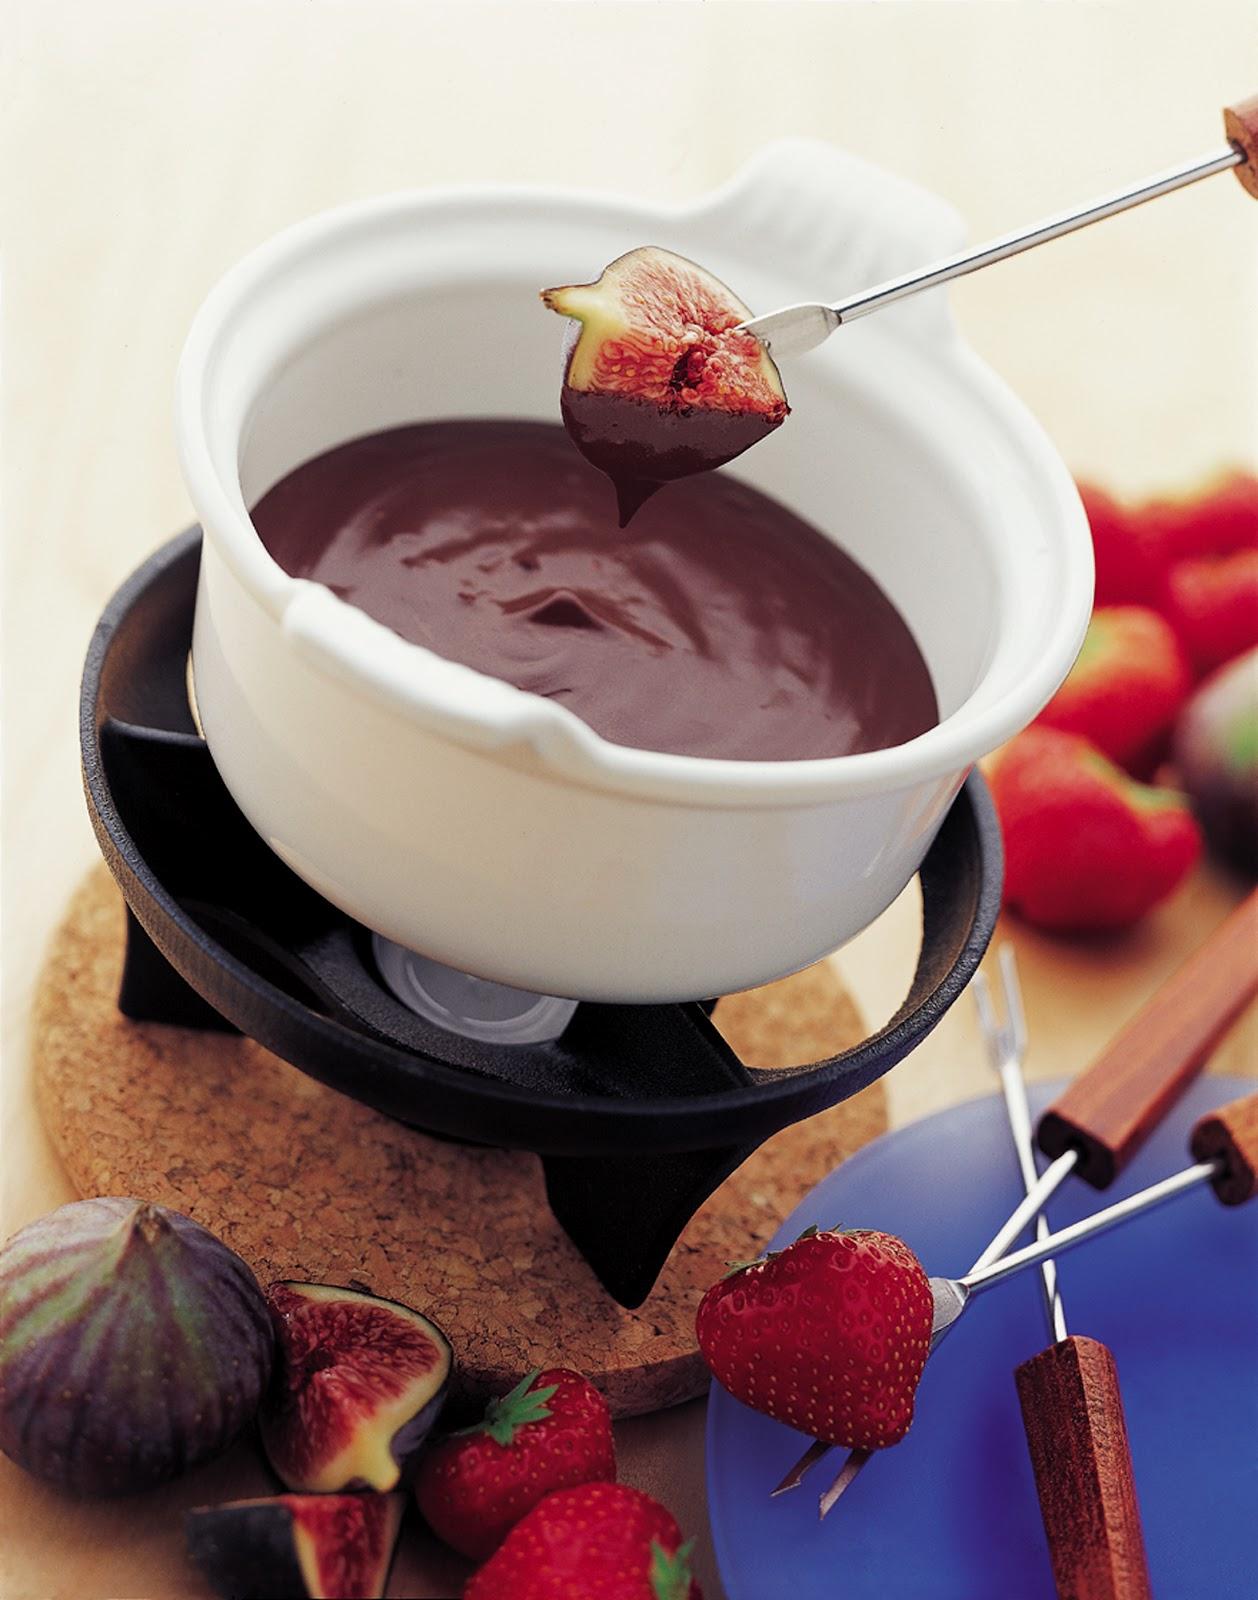 Cook store fondue de chocolate - Fondue de chocolate ...